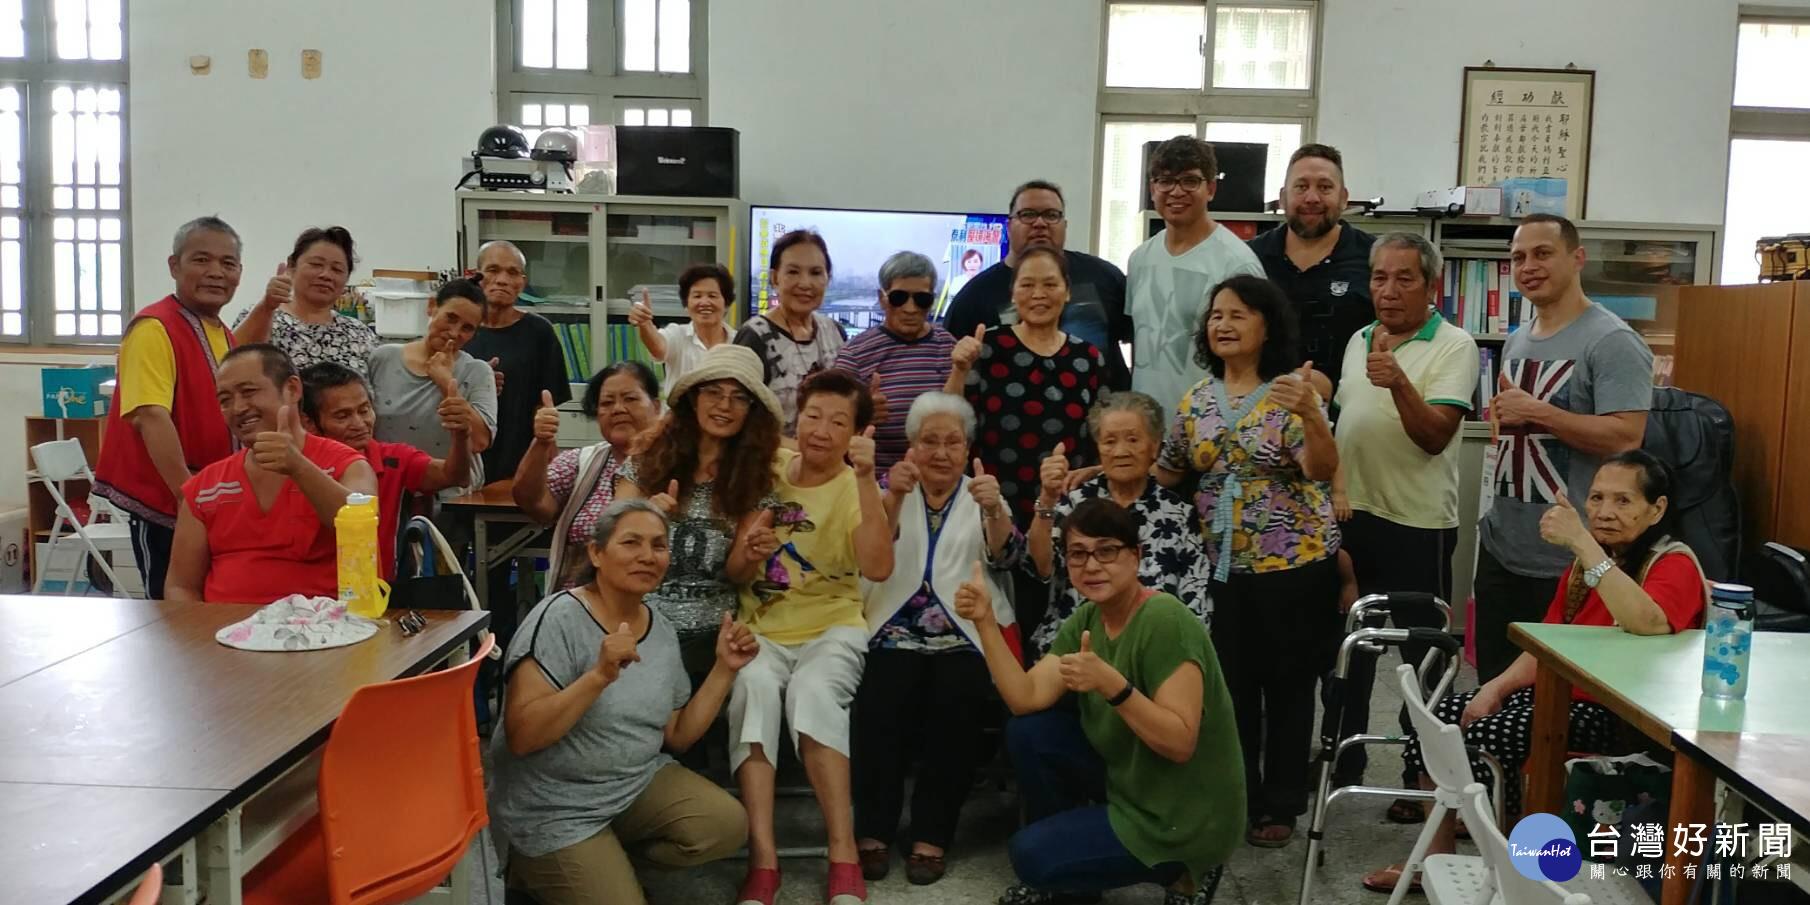 台澳醫療交流 澳洲原住民醫師學會起訪視台東